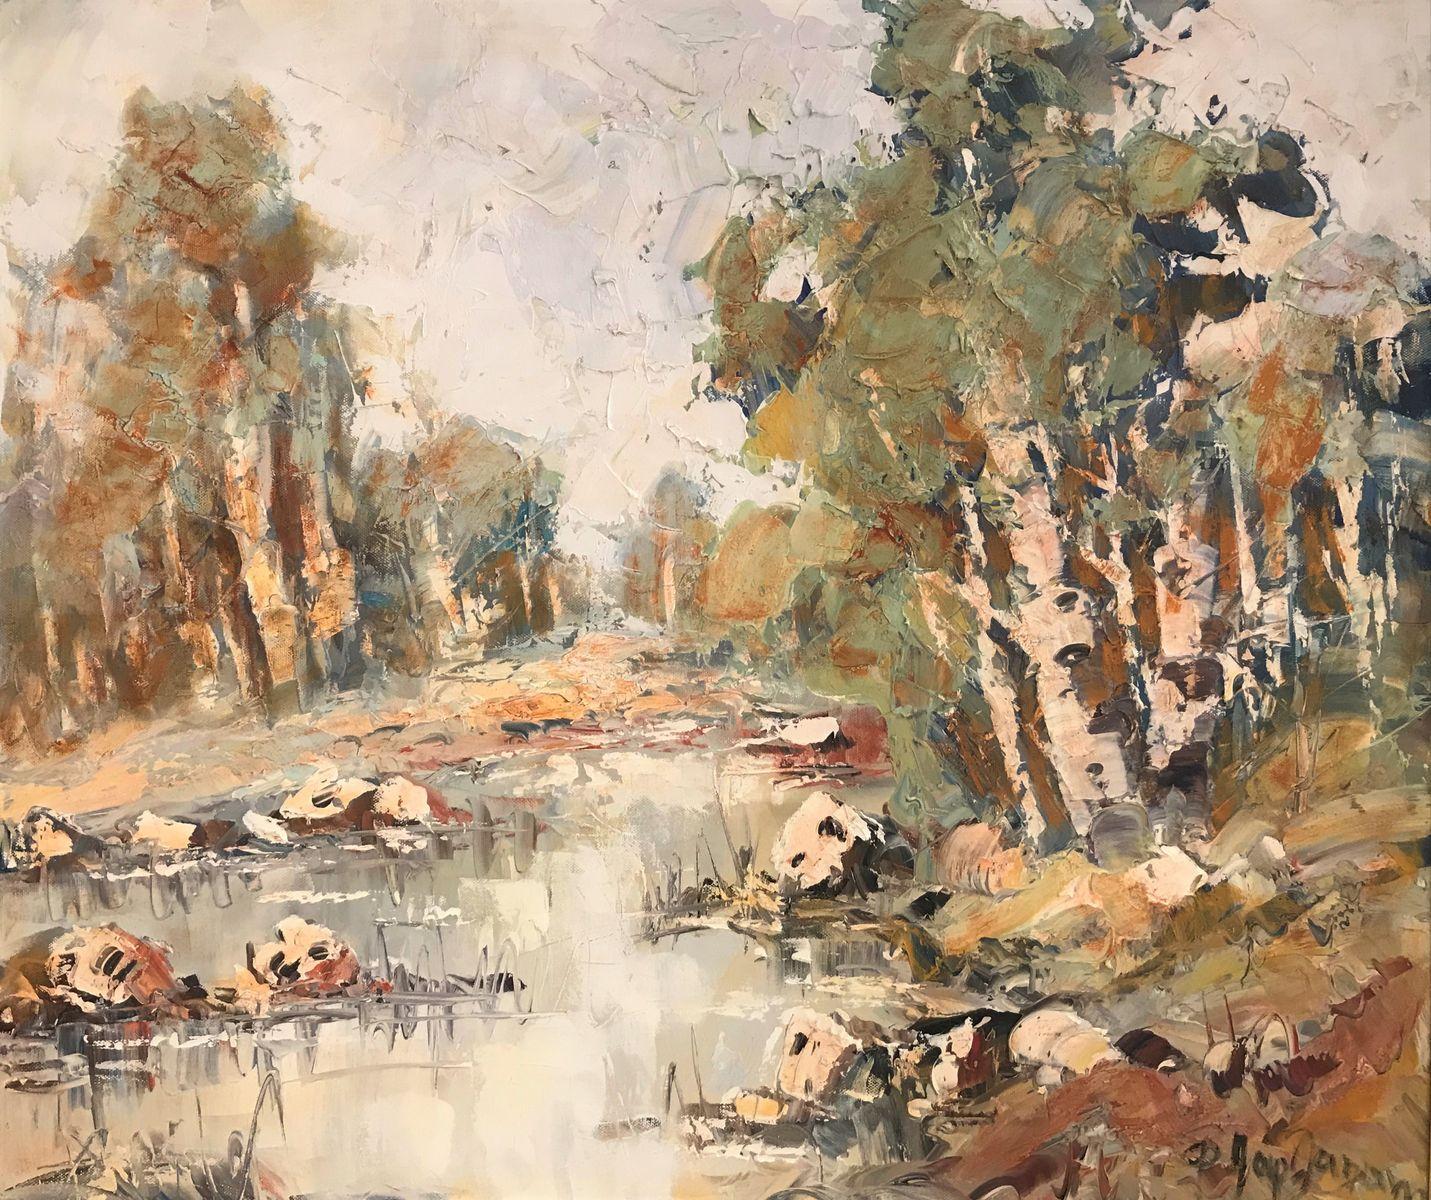 Φανή Παρλαπάνη 50×70 εκ. Λάδια σε καμβά Fani Parlapani 50×70 cm Oils on canvas (1)